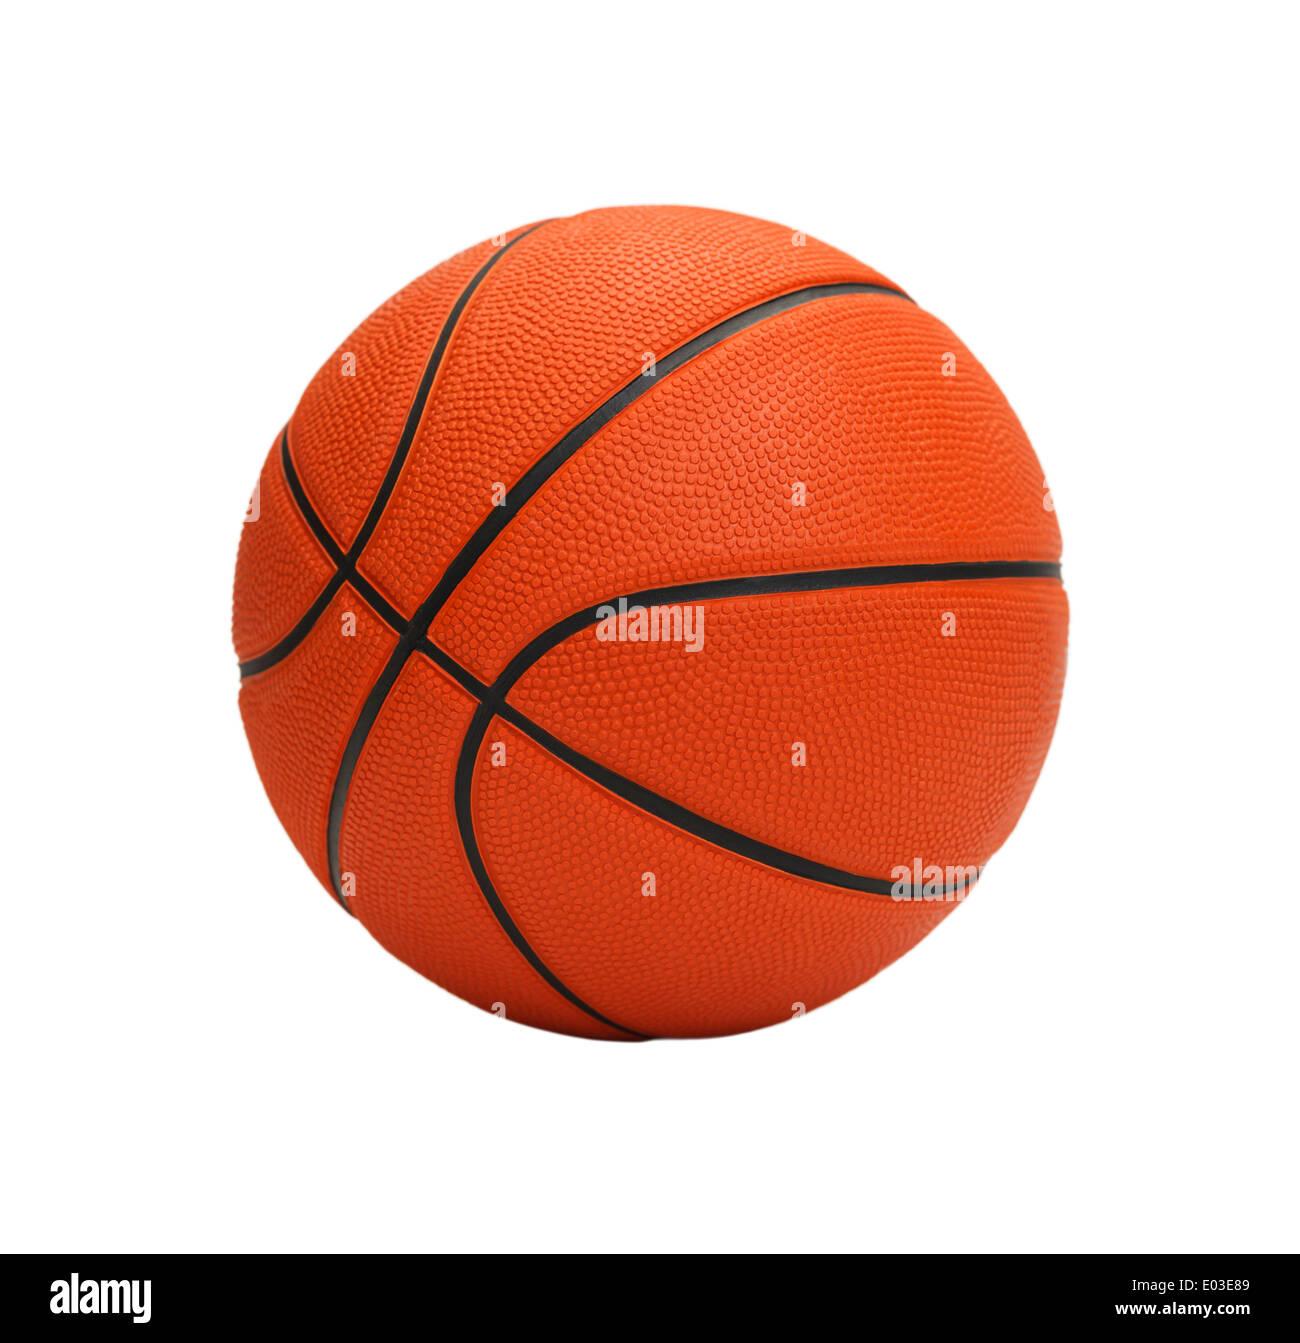 Baloncesto naranja aislado sobre fondo blanco. Foto de stock